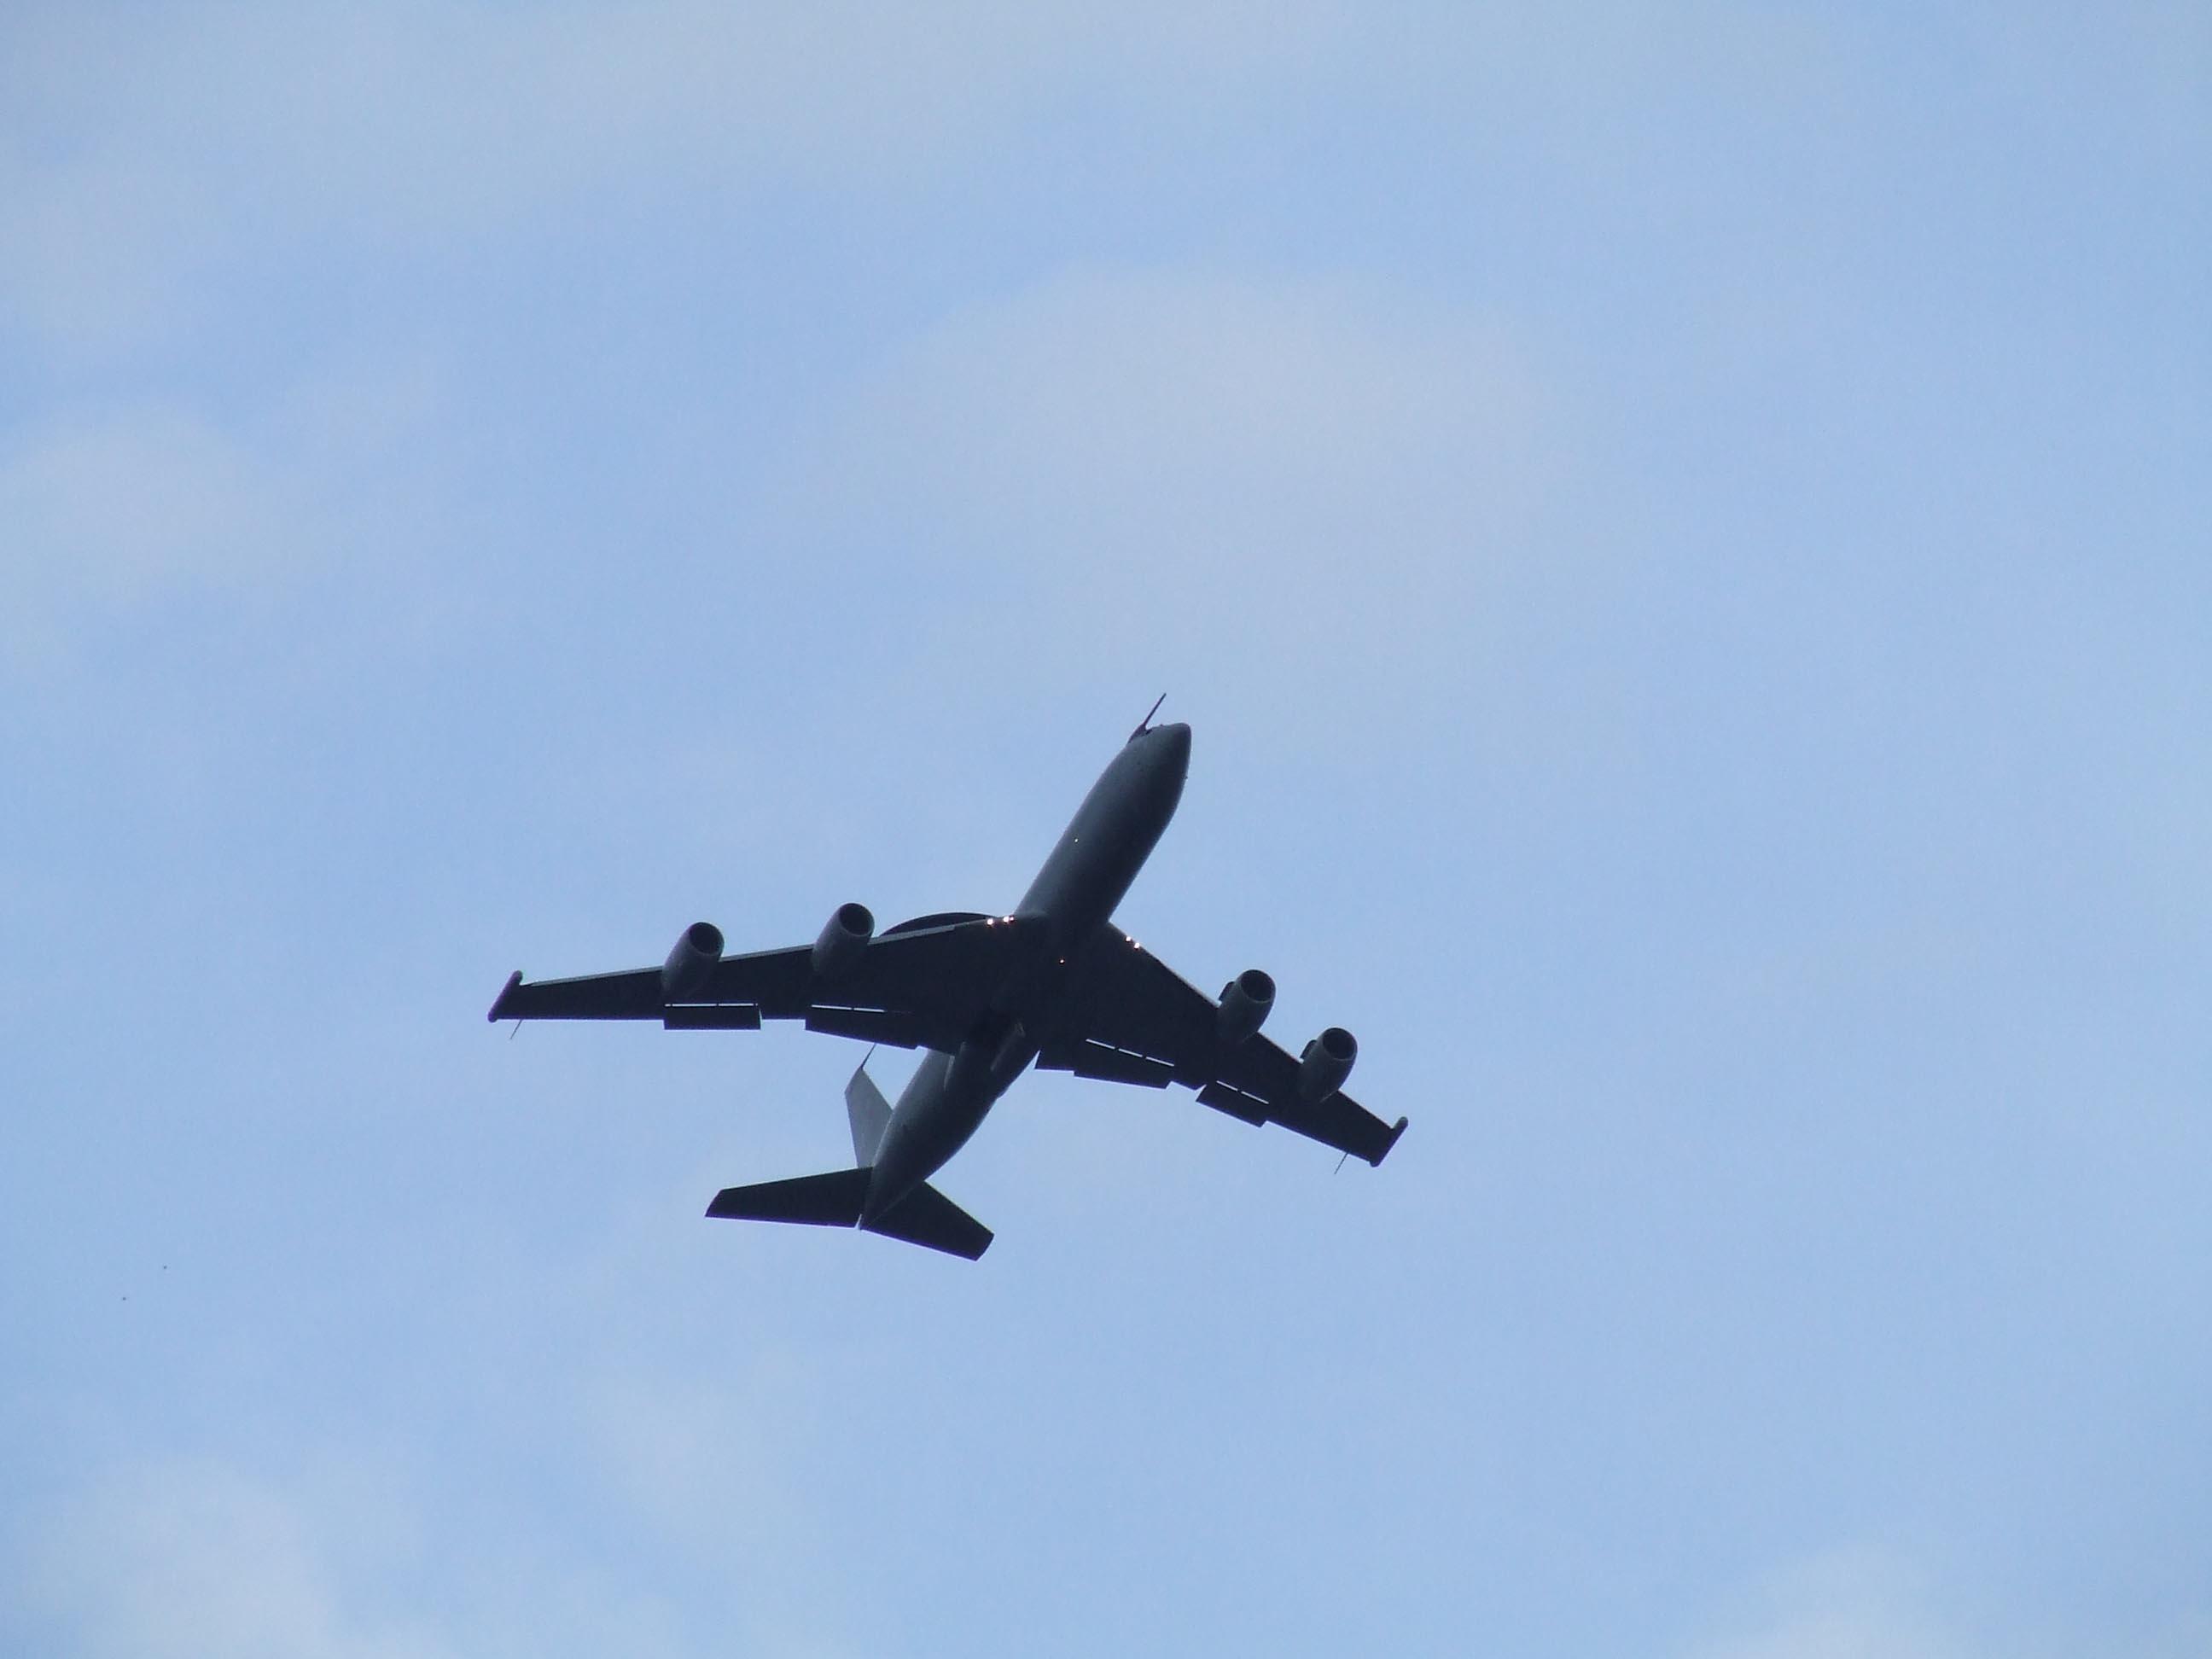 El avión transporta menos pasajeros que tras el 11-S